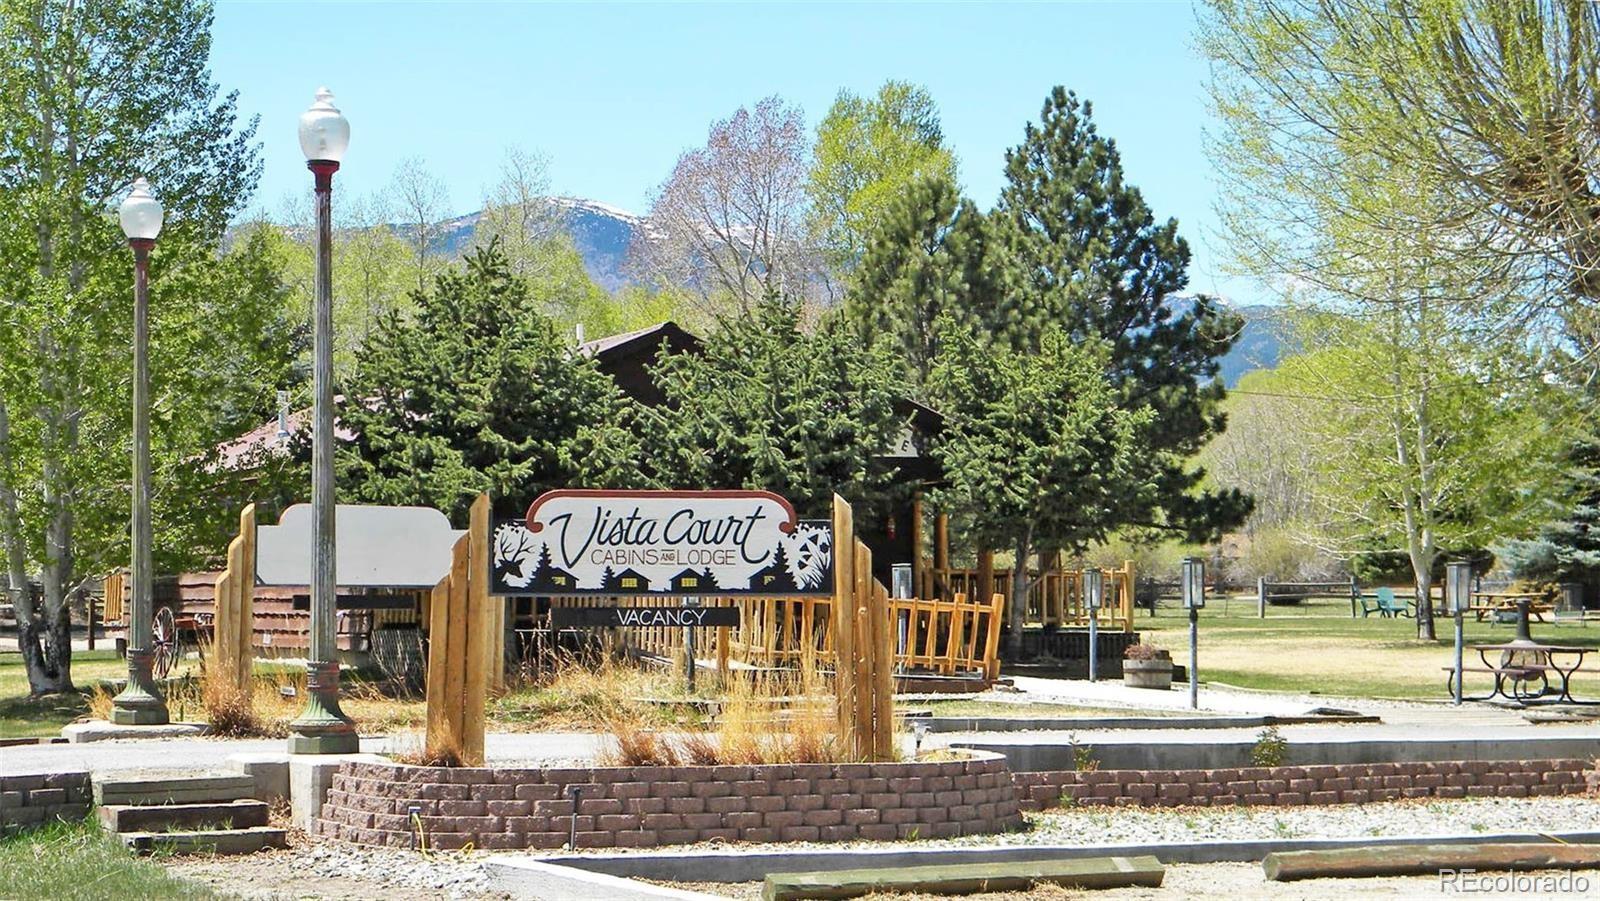 MLS# 3448123 - 1 - 1004 W Main Street, Buena Vista, CO 81211